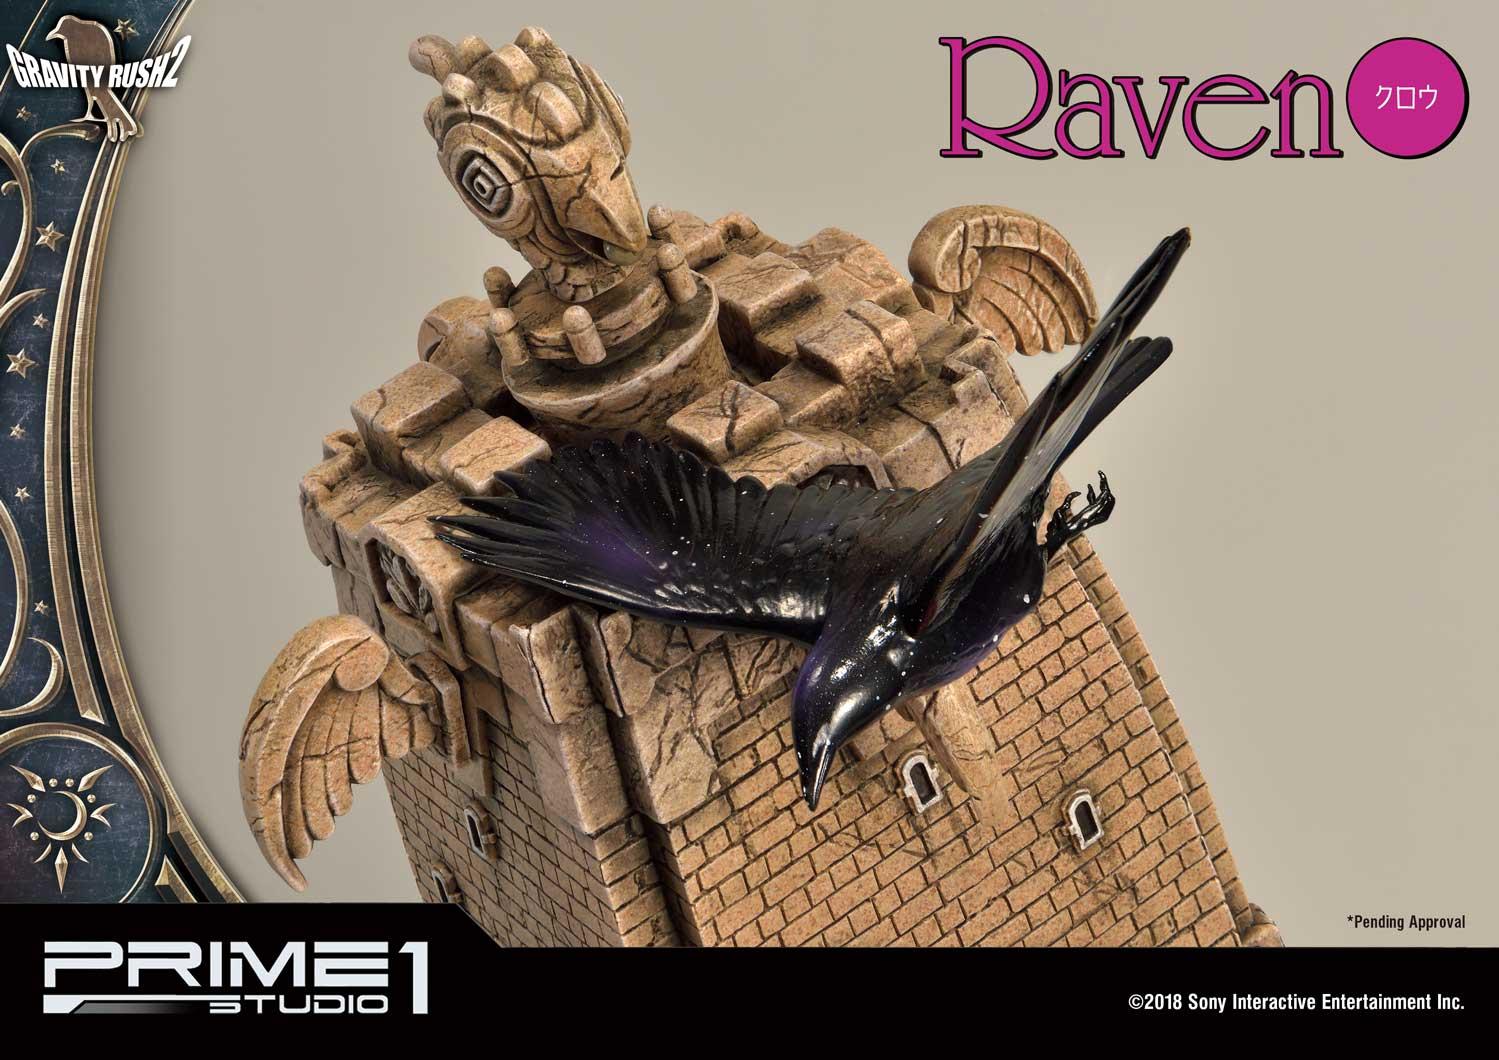 Prime_1_Studio_Raven_Prototype_November2018_CMGR2-01_03